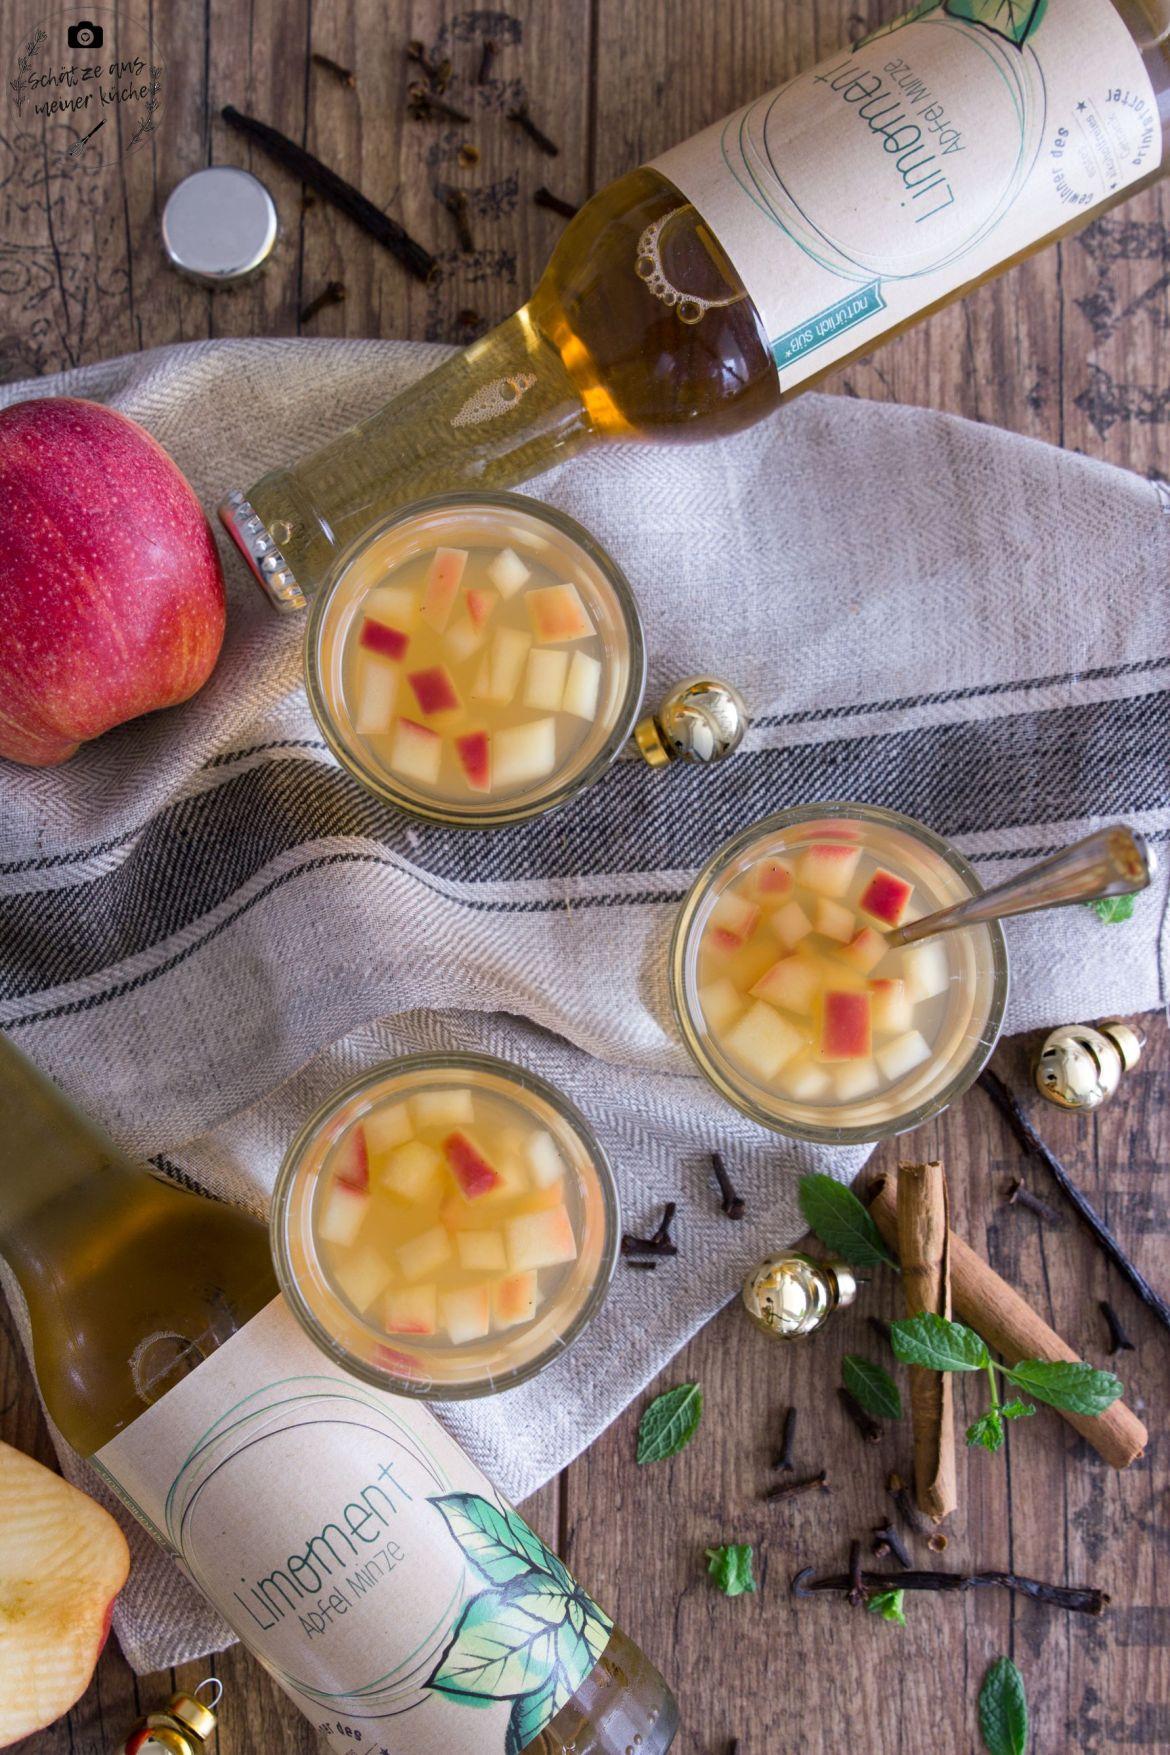 Limoment Apfel-Minze-Liomande Apfelpunsch